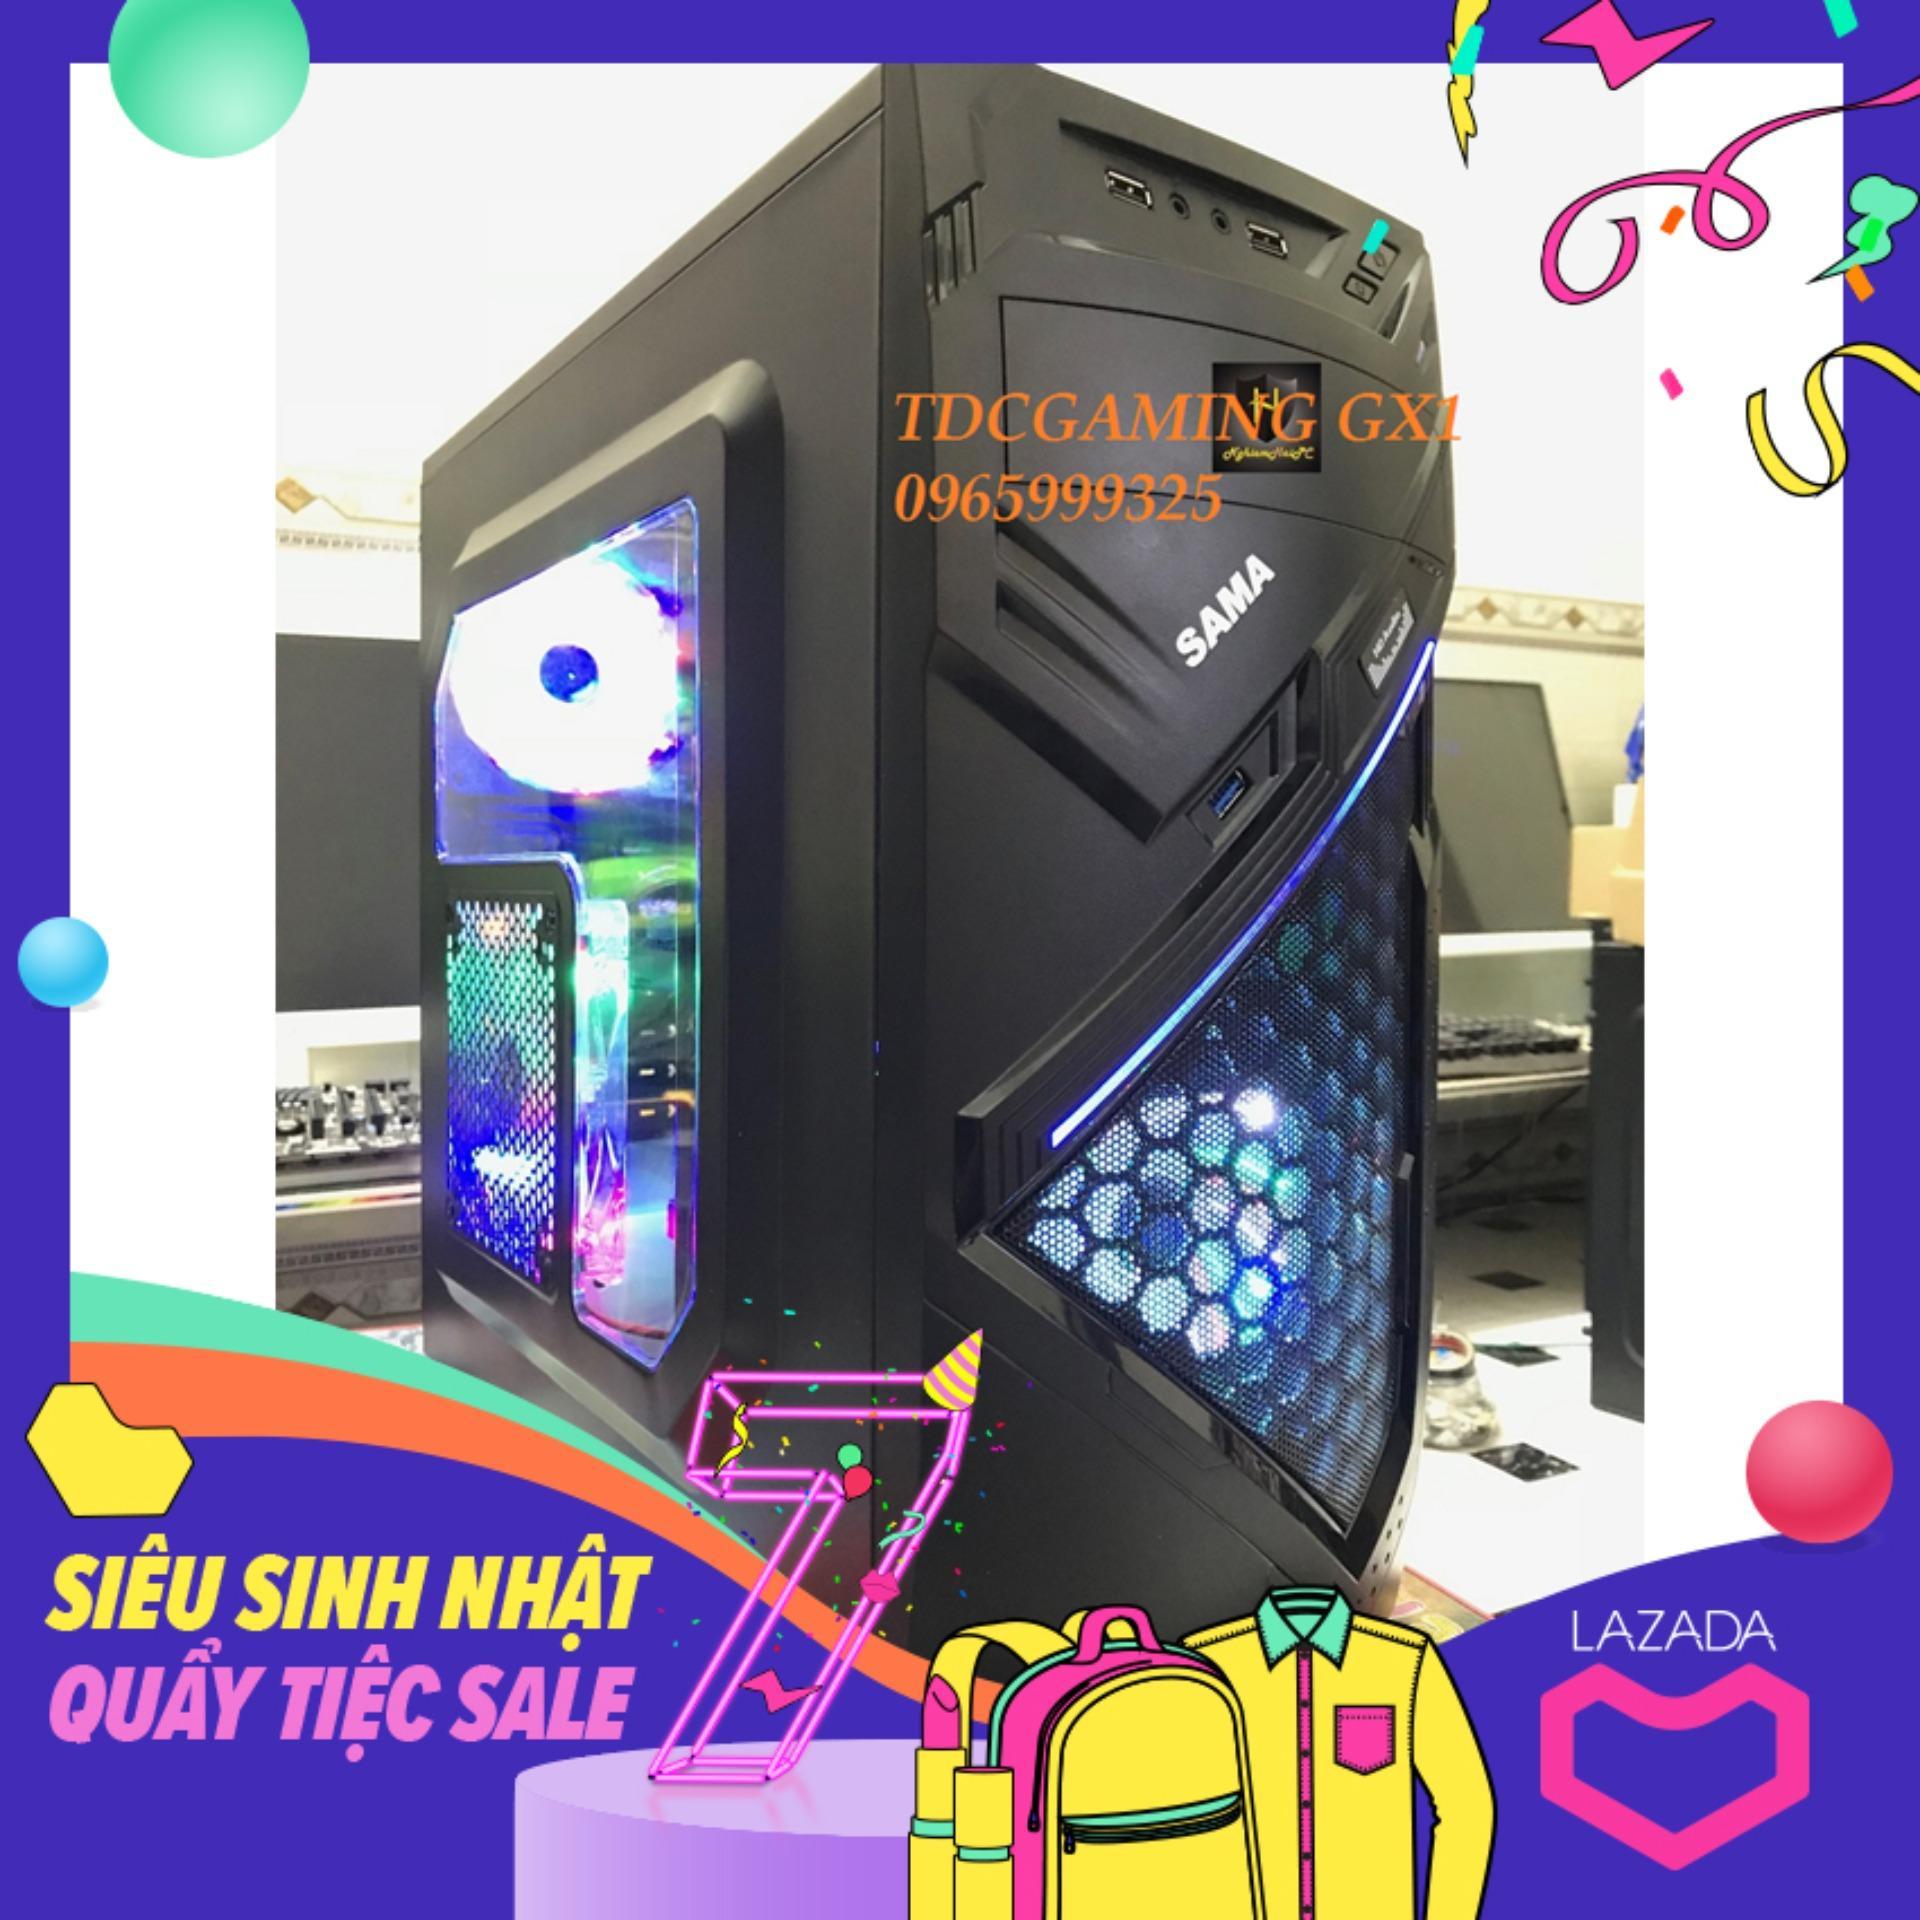 Máy tính chơi Game Intel Core i5 3470, Ram 8gb, Ổ cứng SSD 120gb và HDD 500gb , Card rời GTX 1050 (chuyên LOL, fifaonline 4, PUBG, Stream). Quà Tặng Nhật Bản